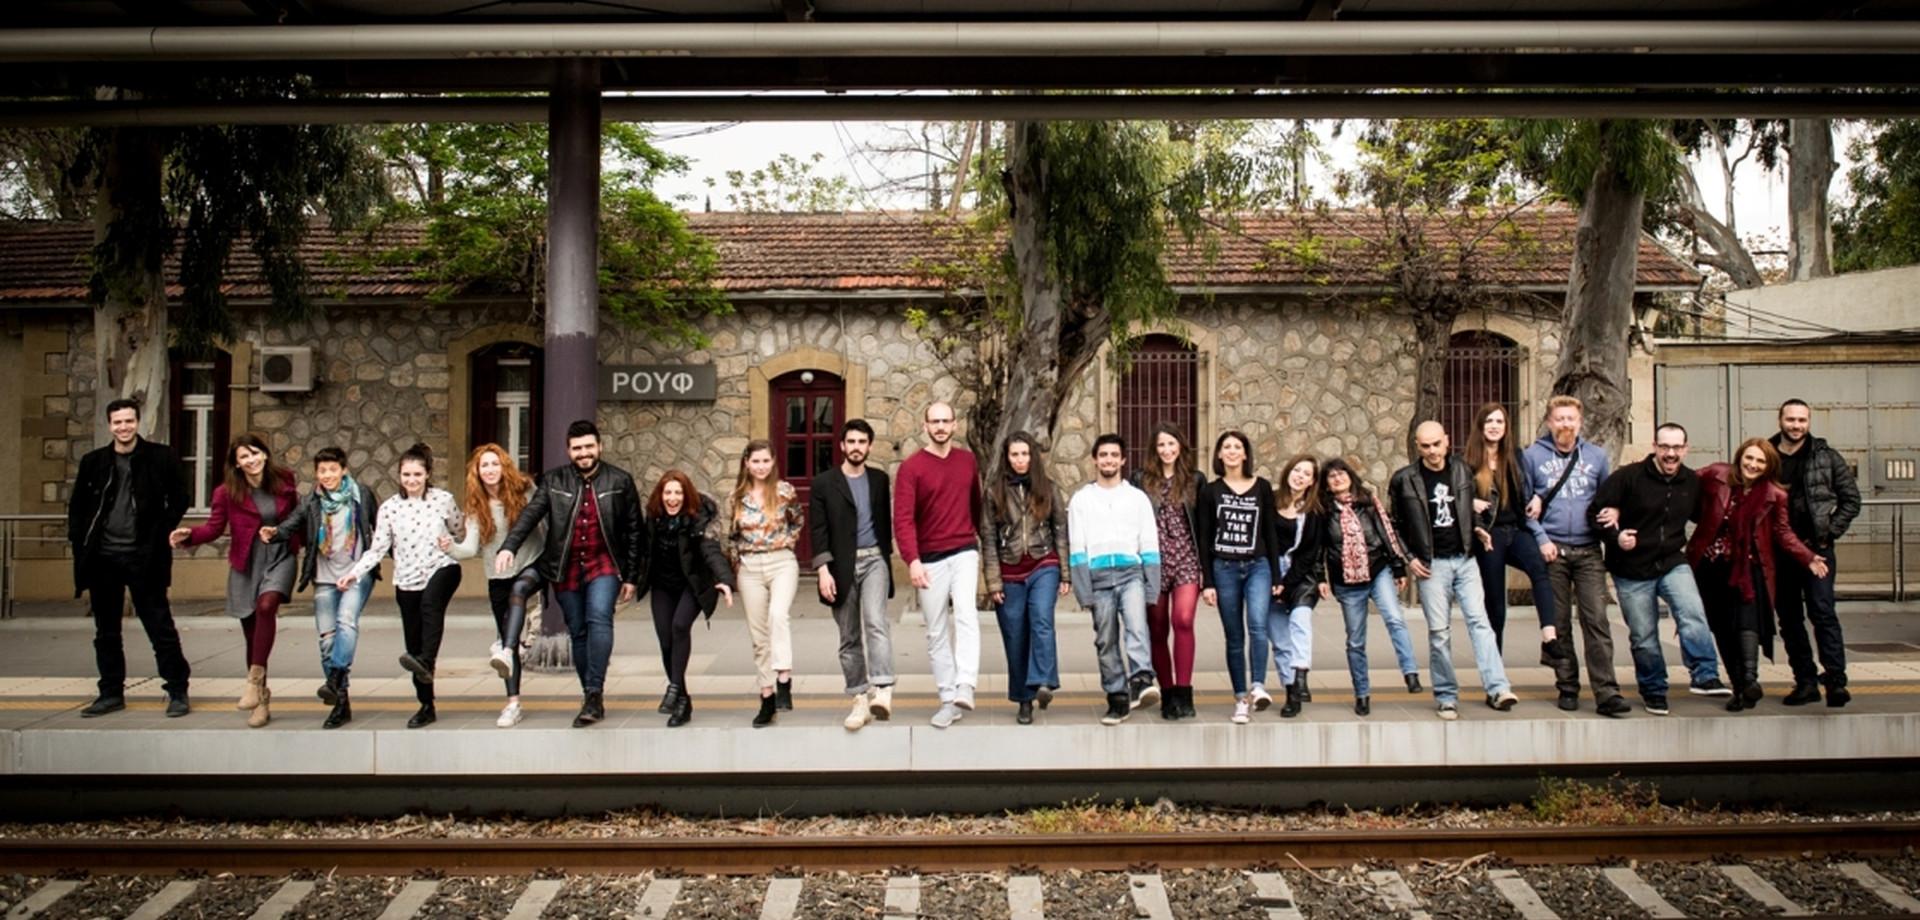 7ο Φεστιβάλ Νέων Καλλιτεχνών «Τα 12 Κουπέ» στην Αμαξοστοιχία - Θέατρο το Τρένο στο Ρουφ